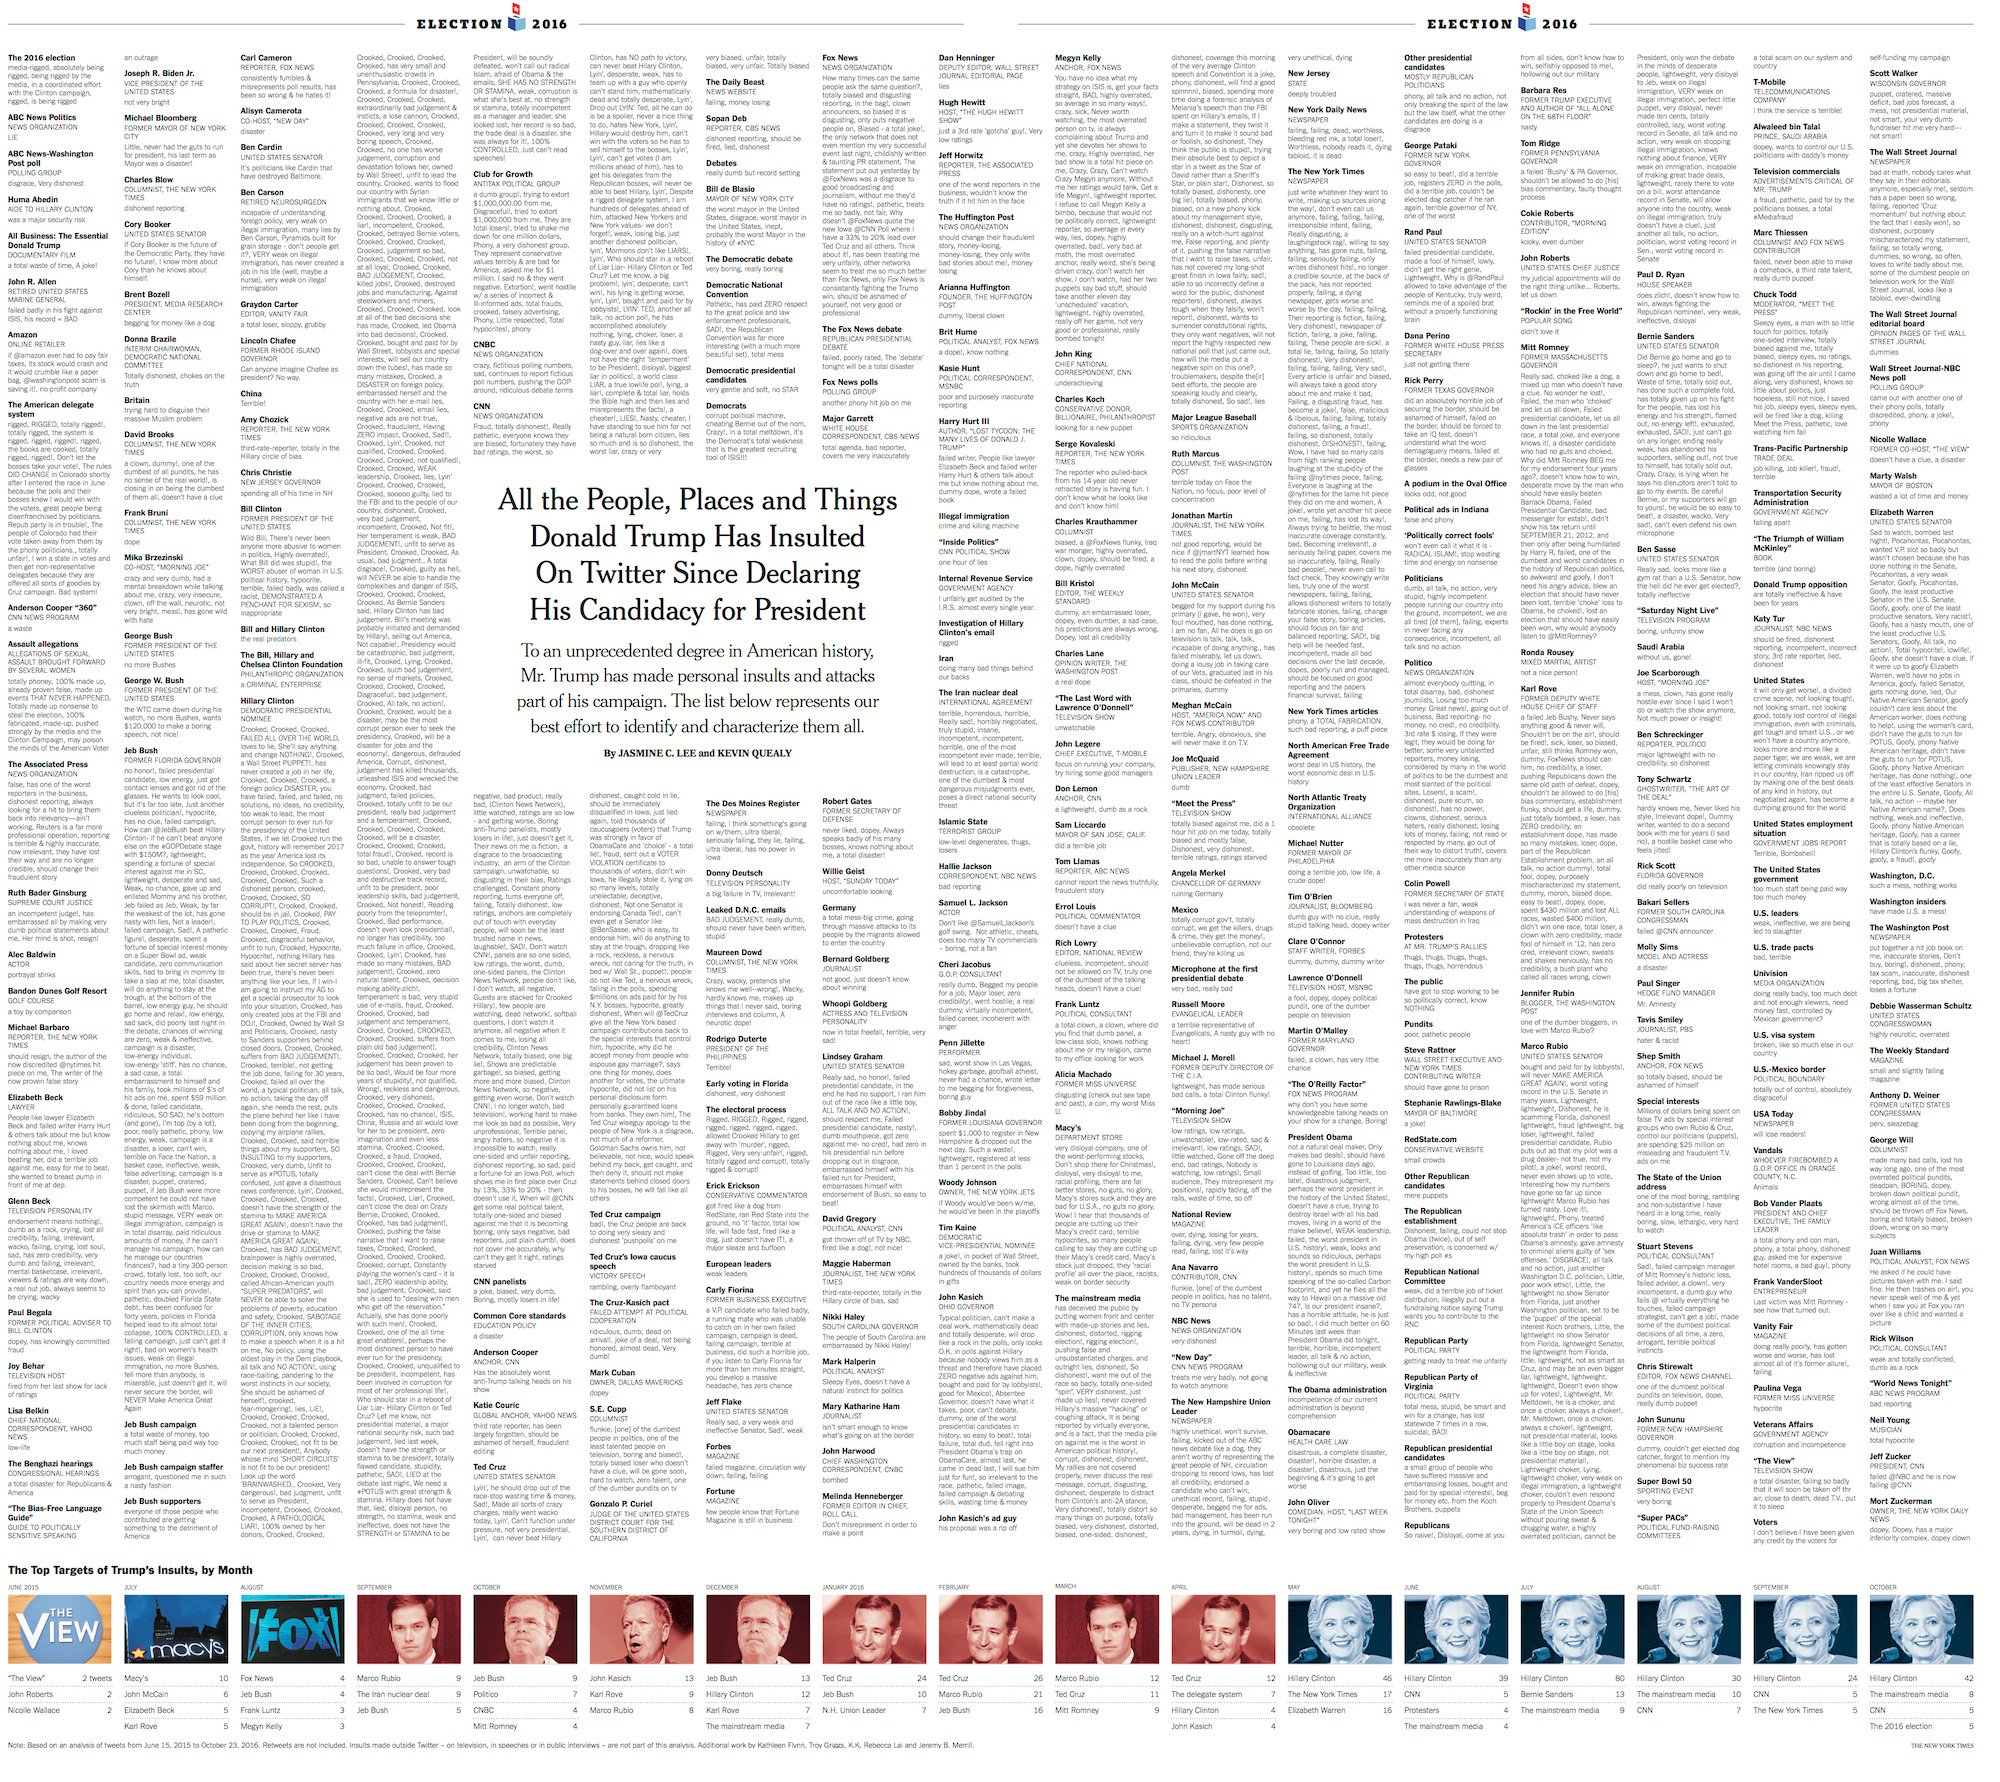 Todo lo que Donald Trump ha insultado en Twitter desde que es candidato a Presidente de los EEUU